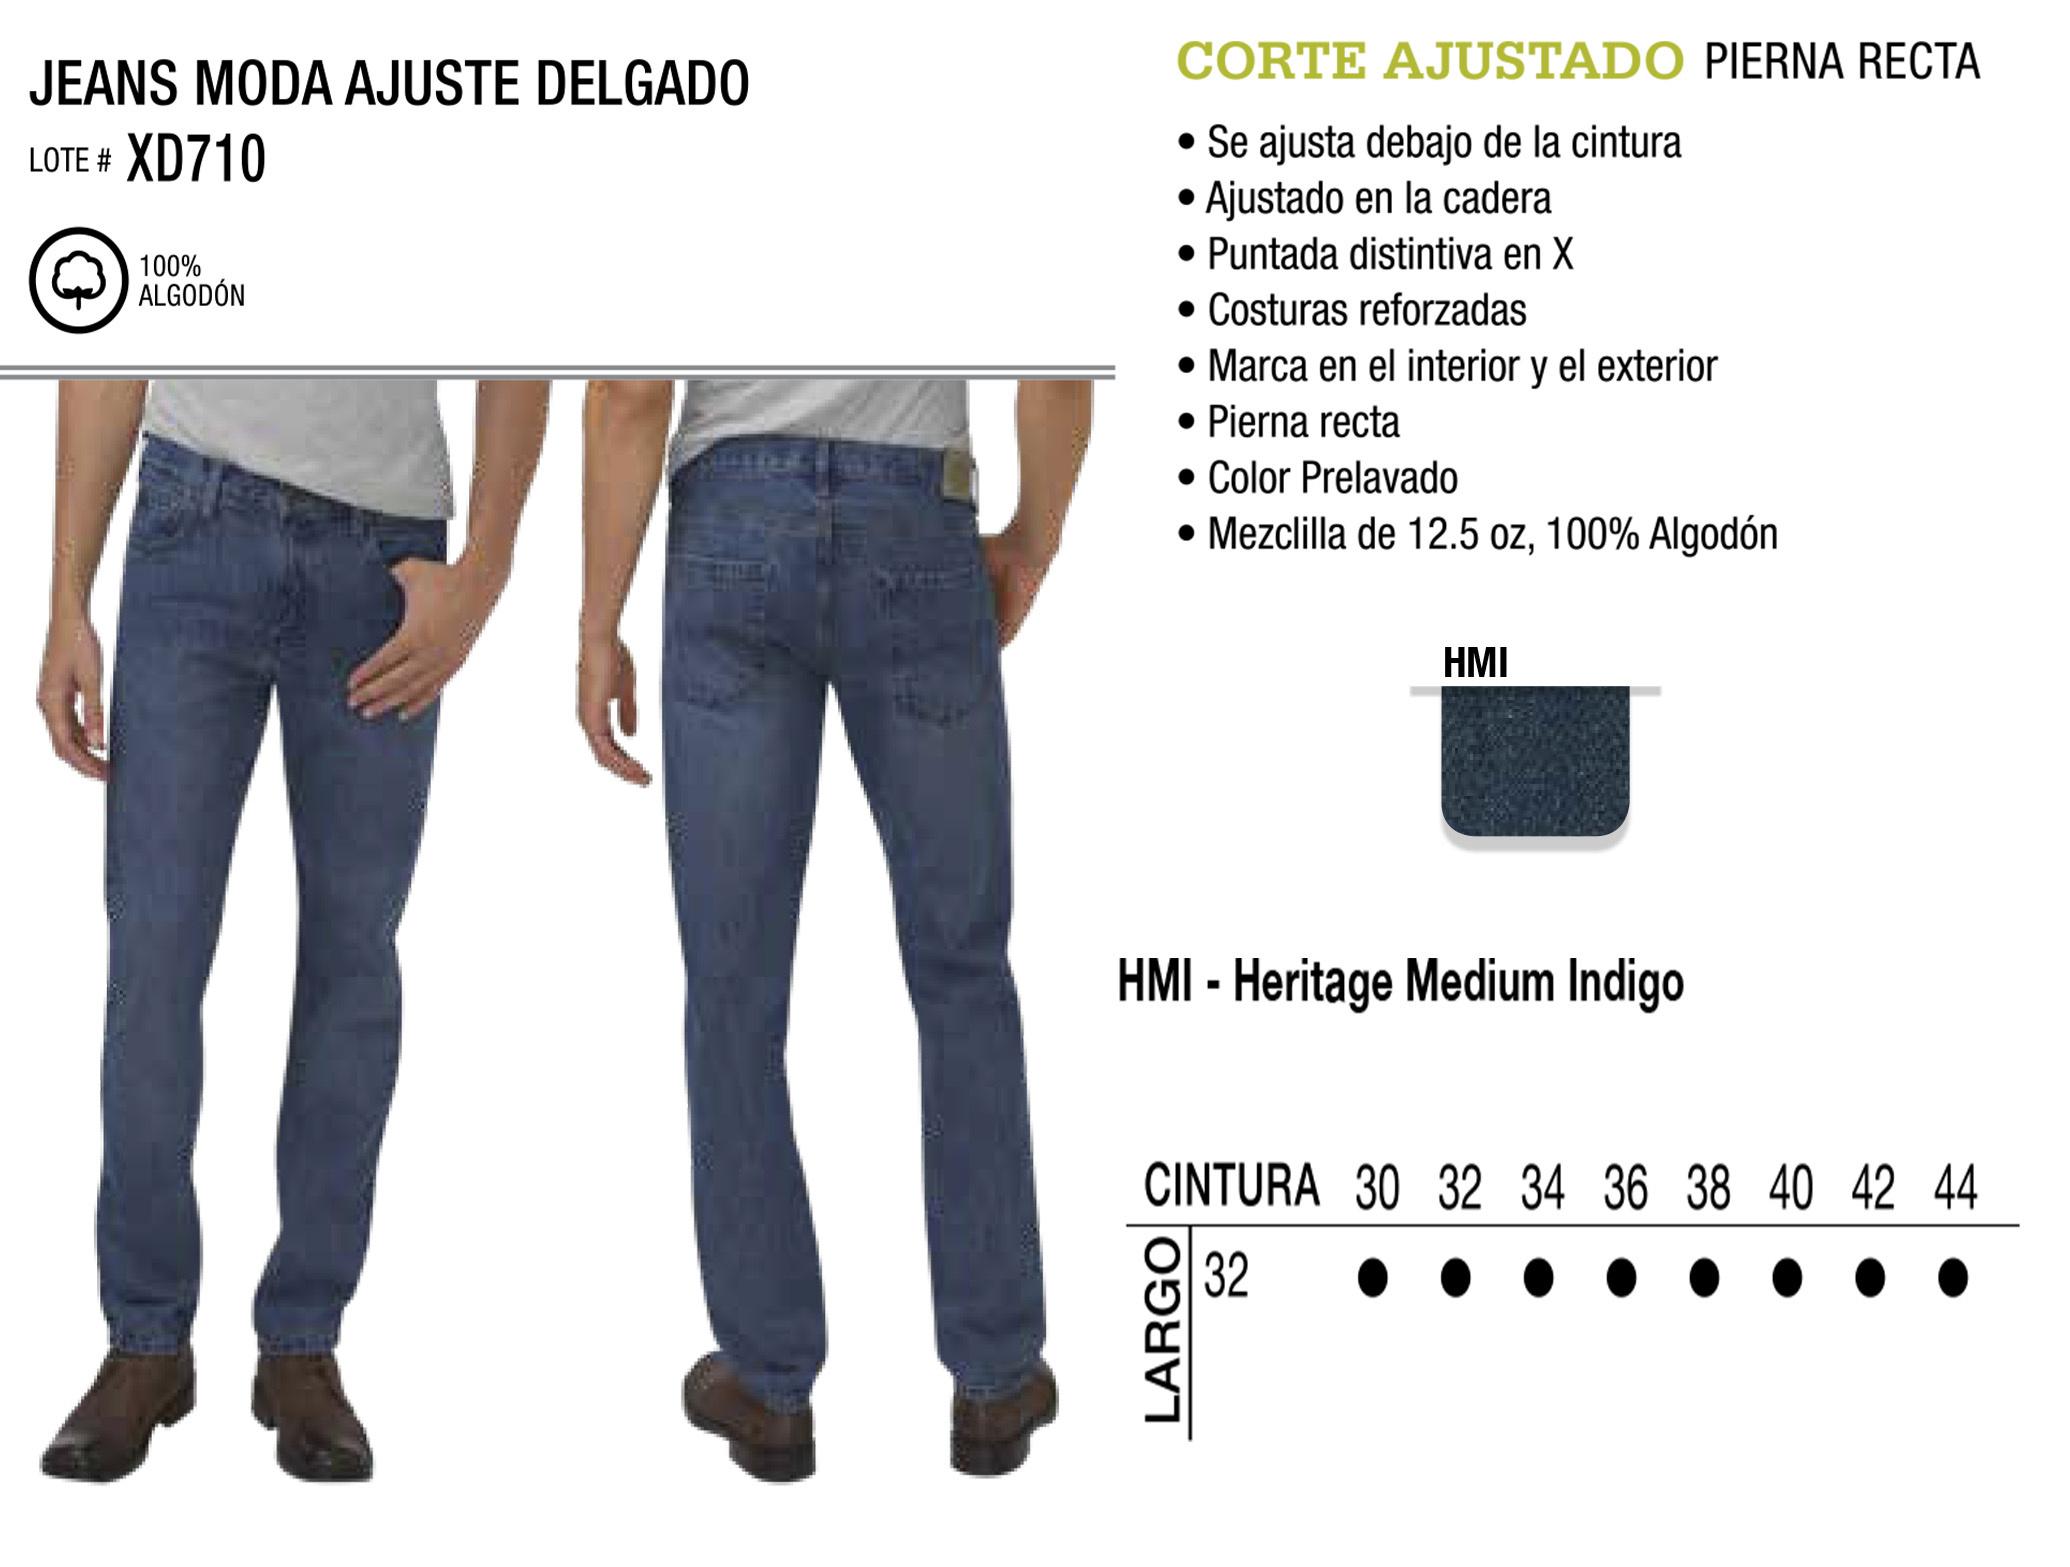 Jeans Moda Ajuste Delgado. Corte Ajustado. XD710.